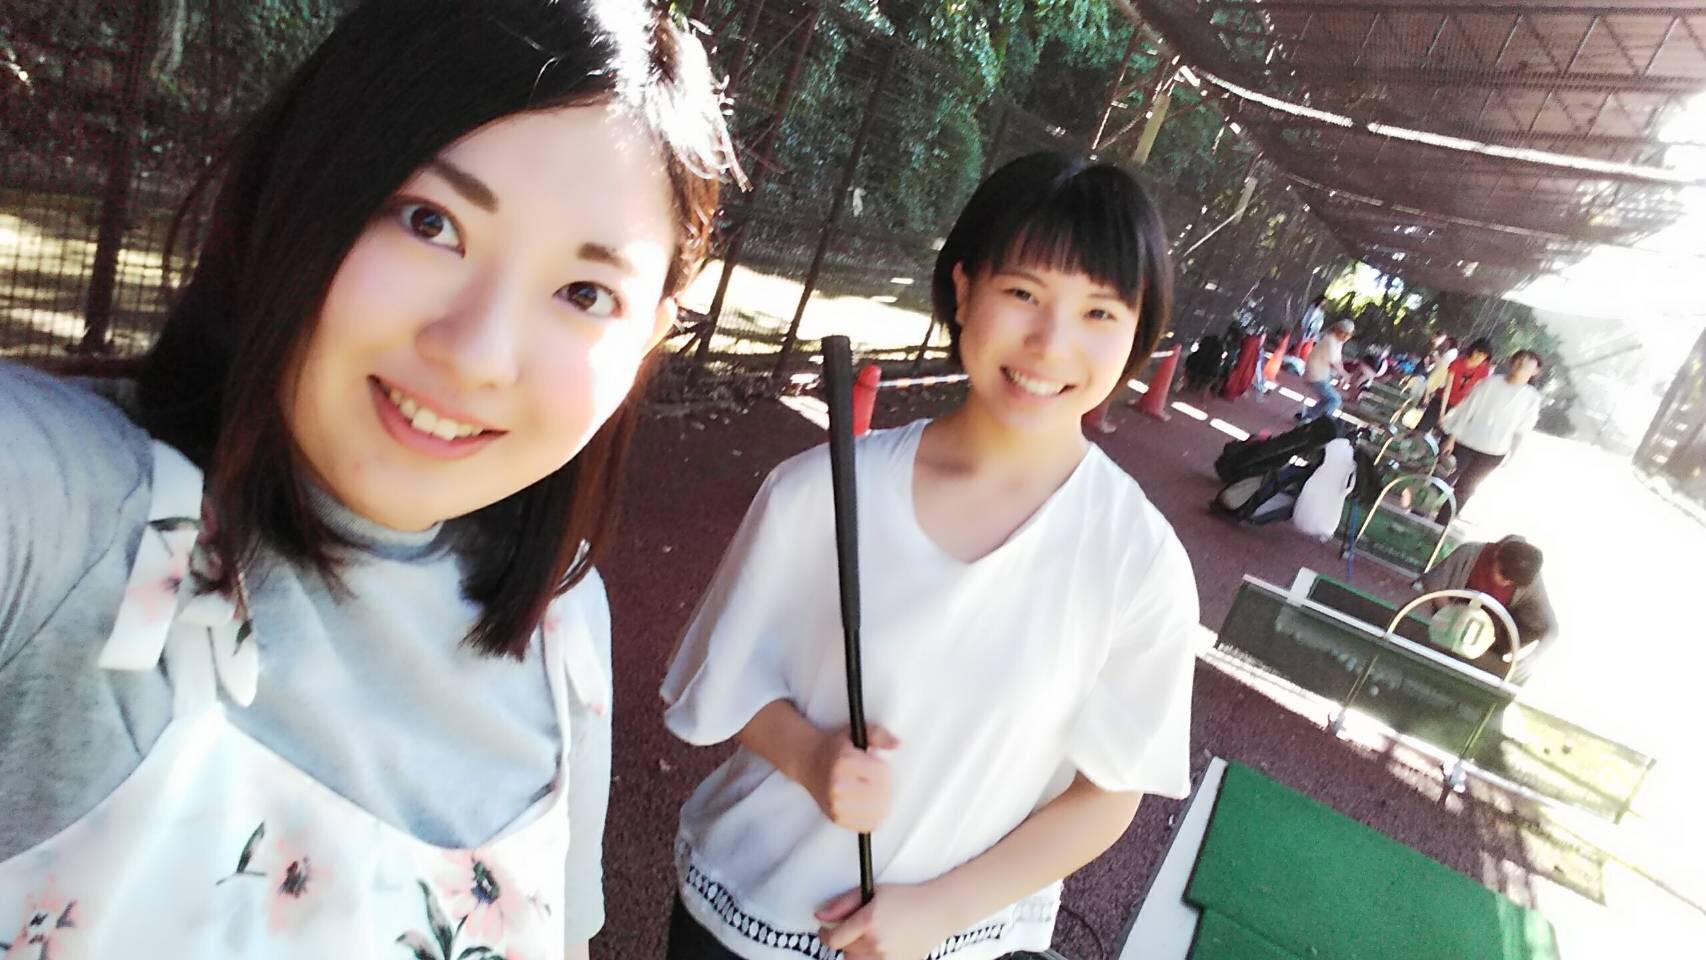 【京都女子大学ゴルフ部】父の影響で大学からゴルフというスポーツを始めて。